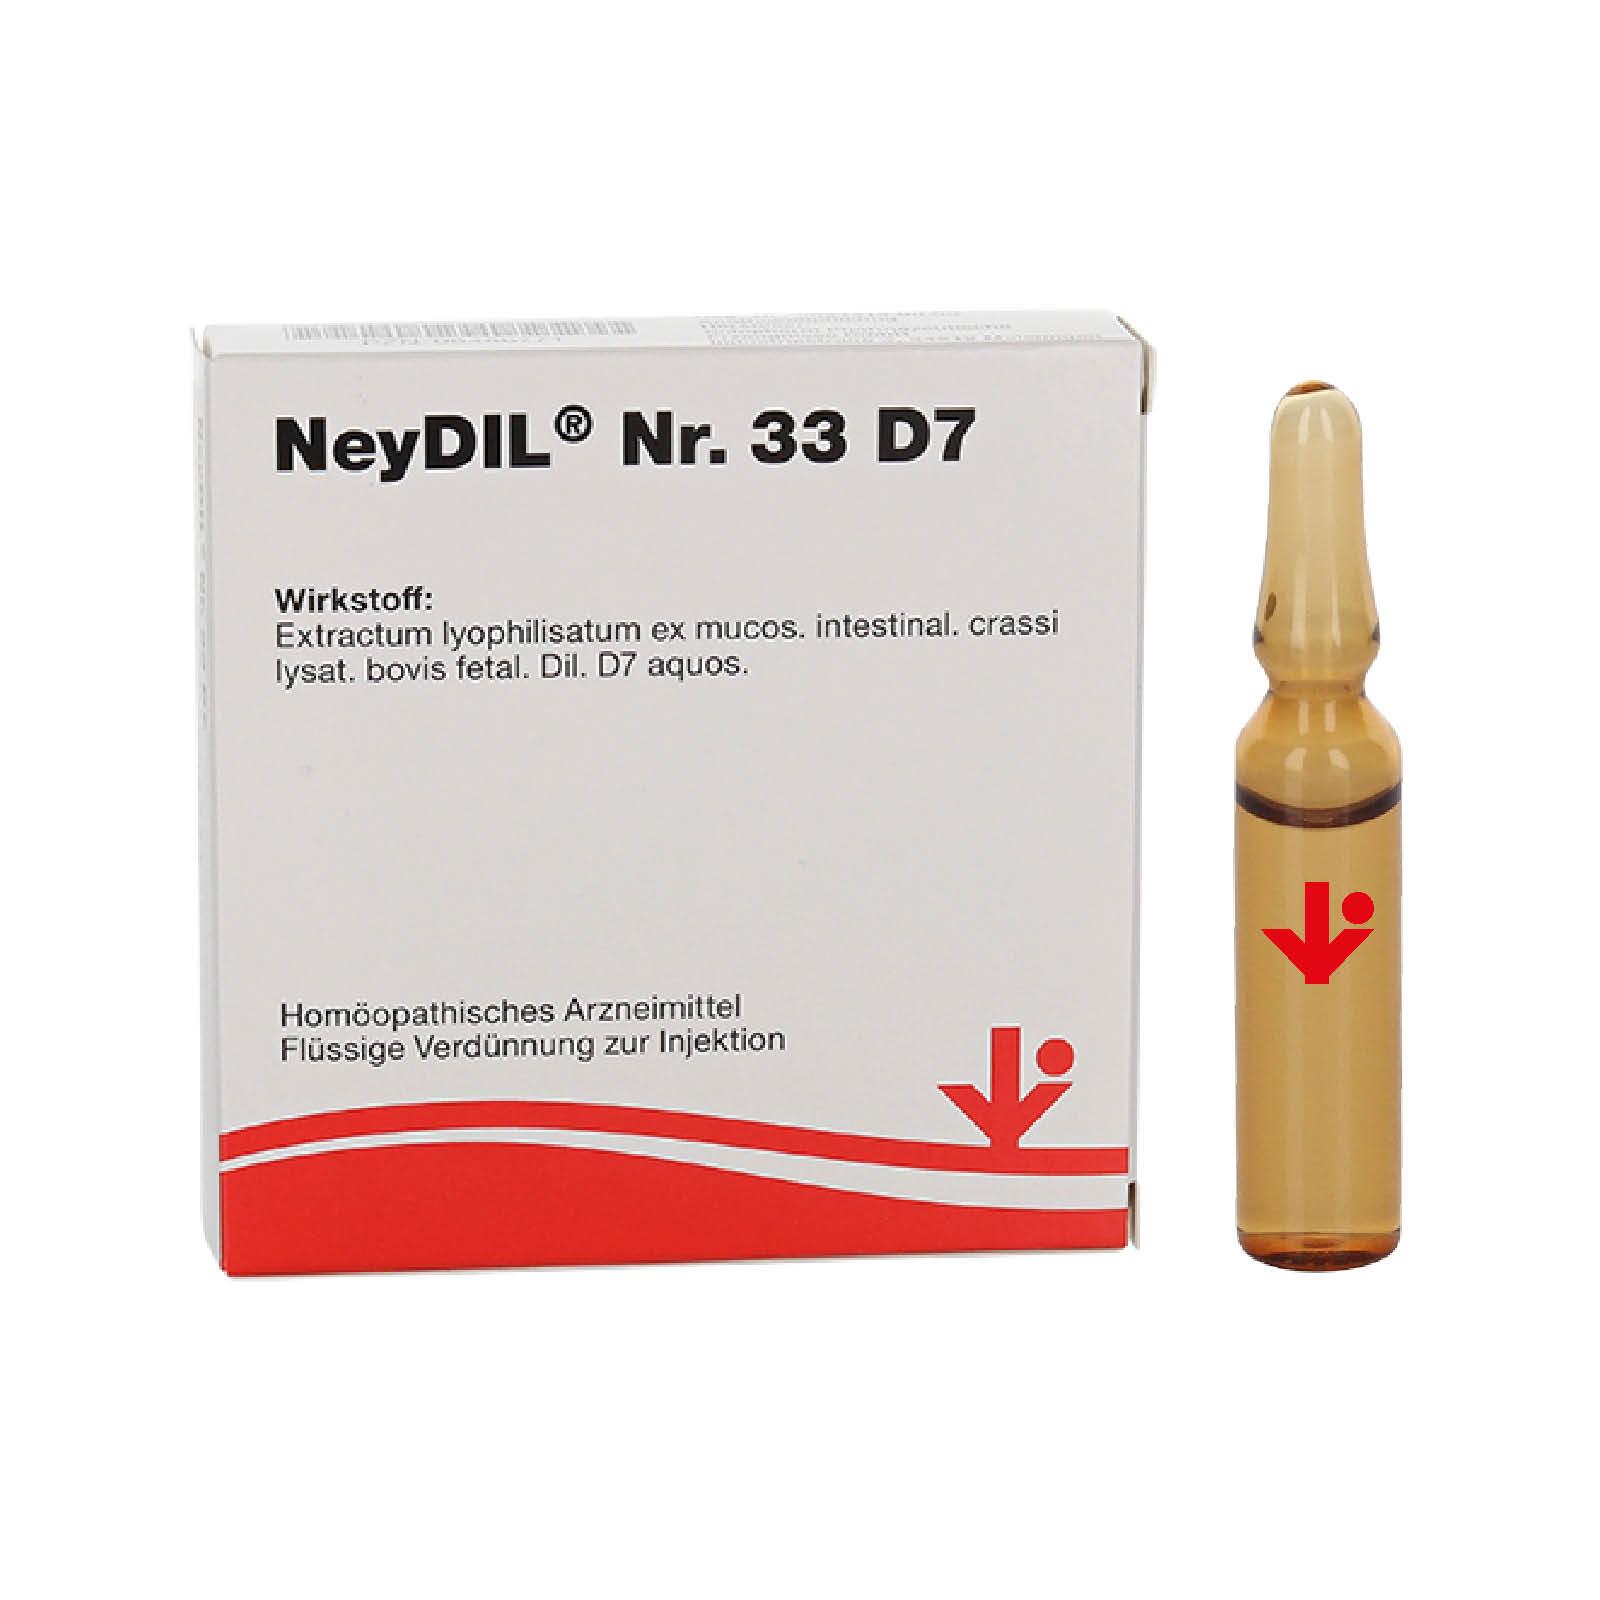 NeyDIL® Nr. 33 D7